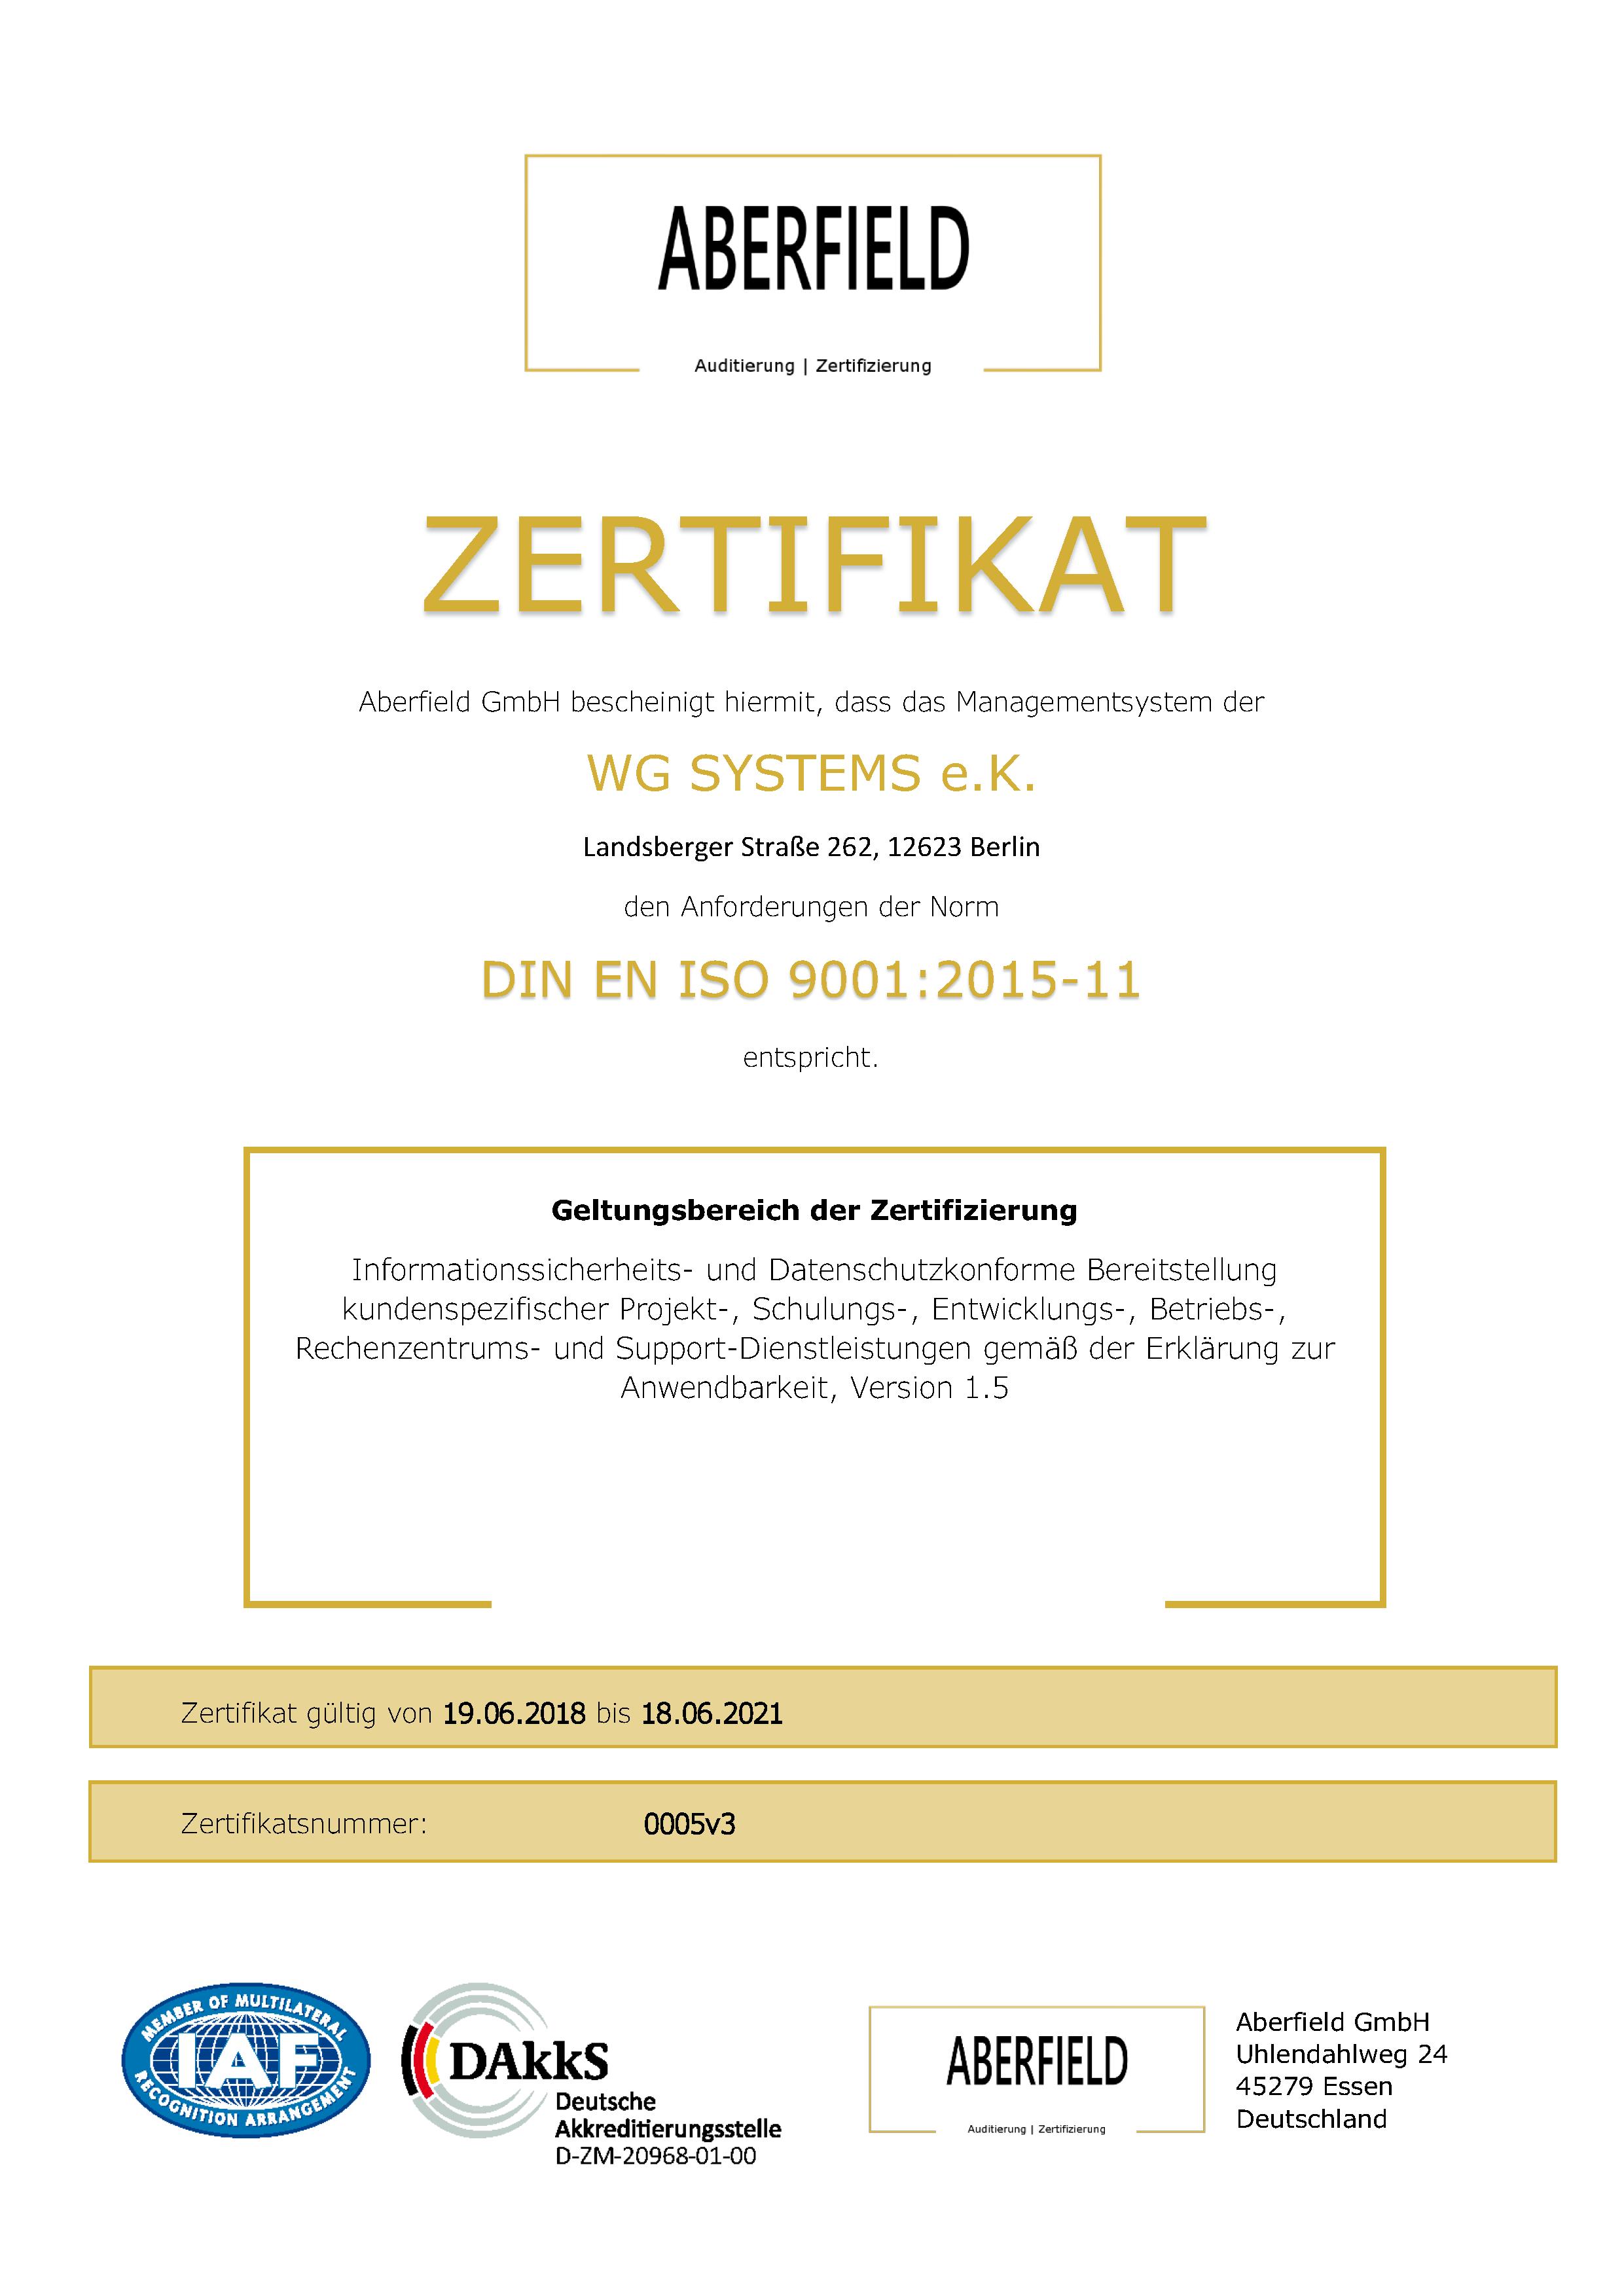 Zertifikat ISO 9001 0005v3